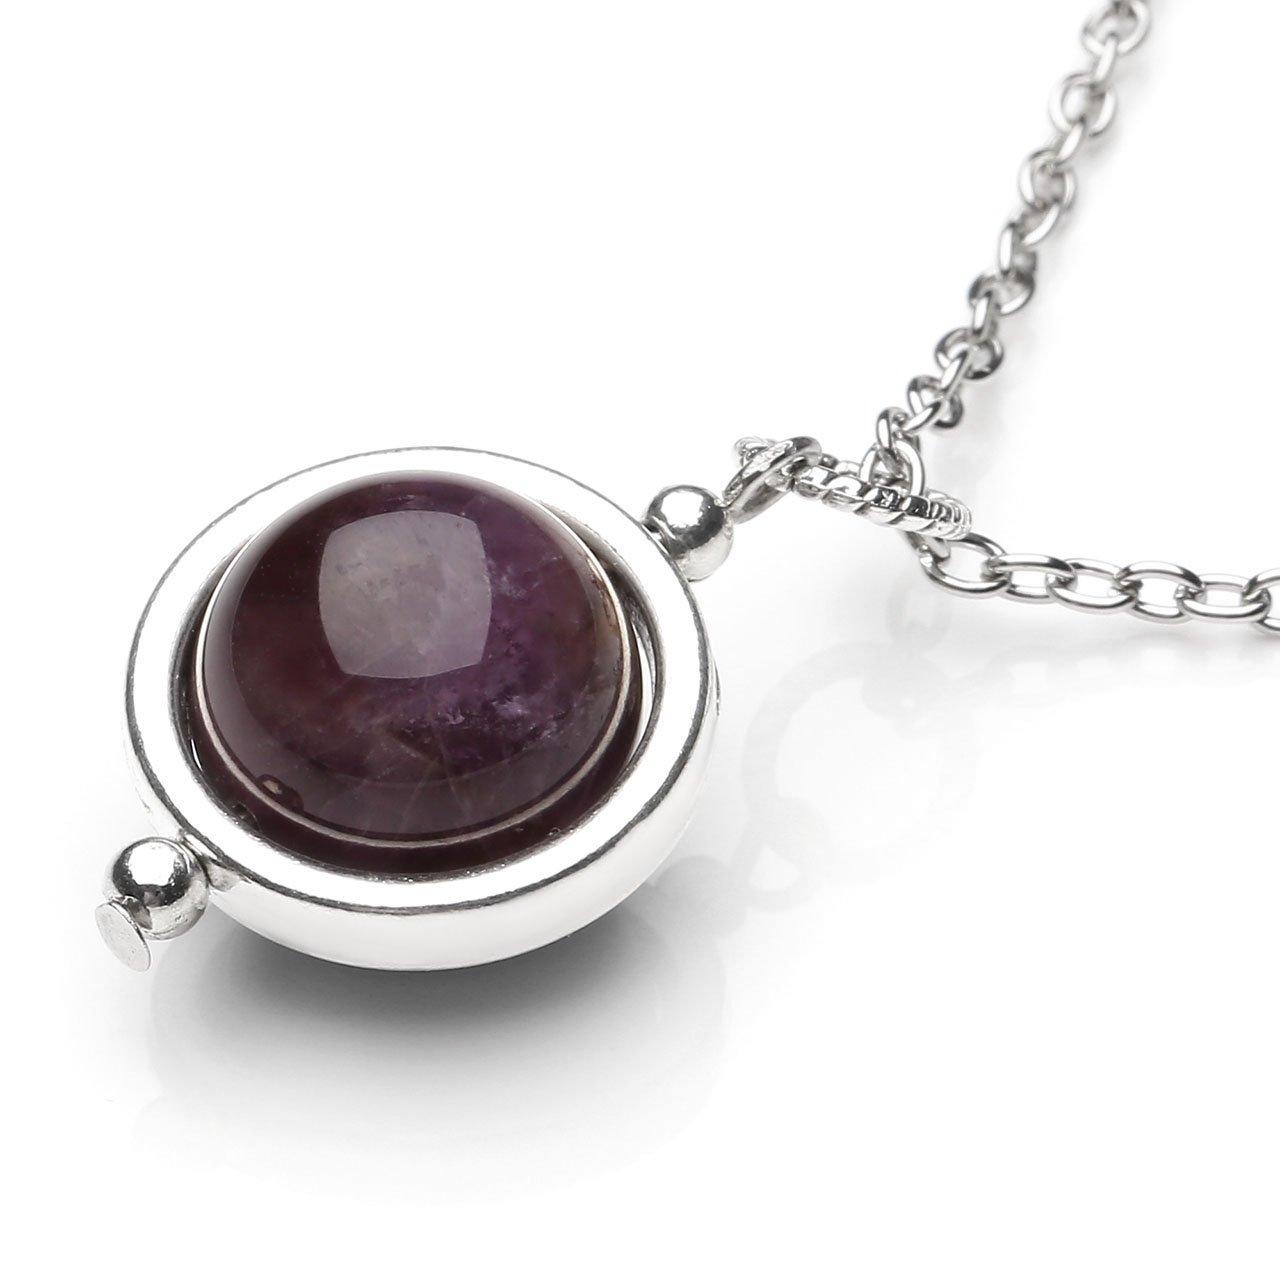 QGEM Collier de Pendentif Boule Perle en Energie Pierre Chakra Naturelle Anniversaire Fête Cadeau Idéal pour Femme Fille(Améthyste)